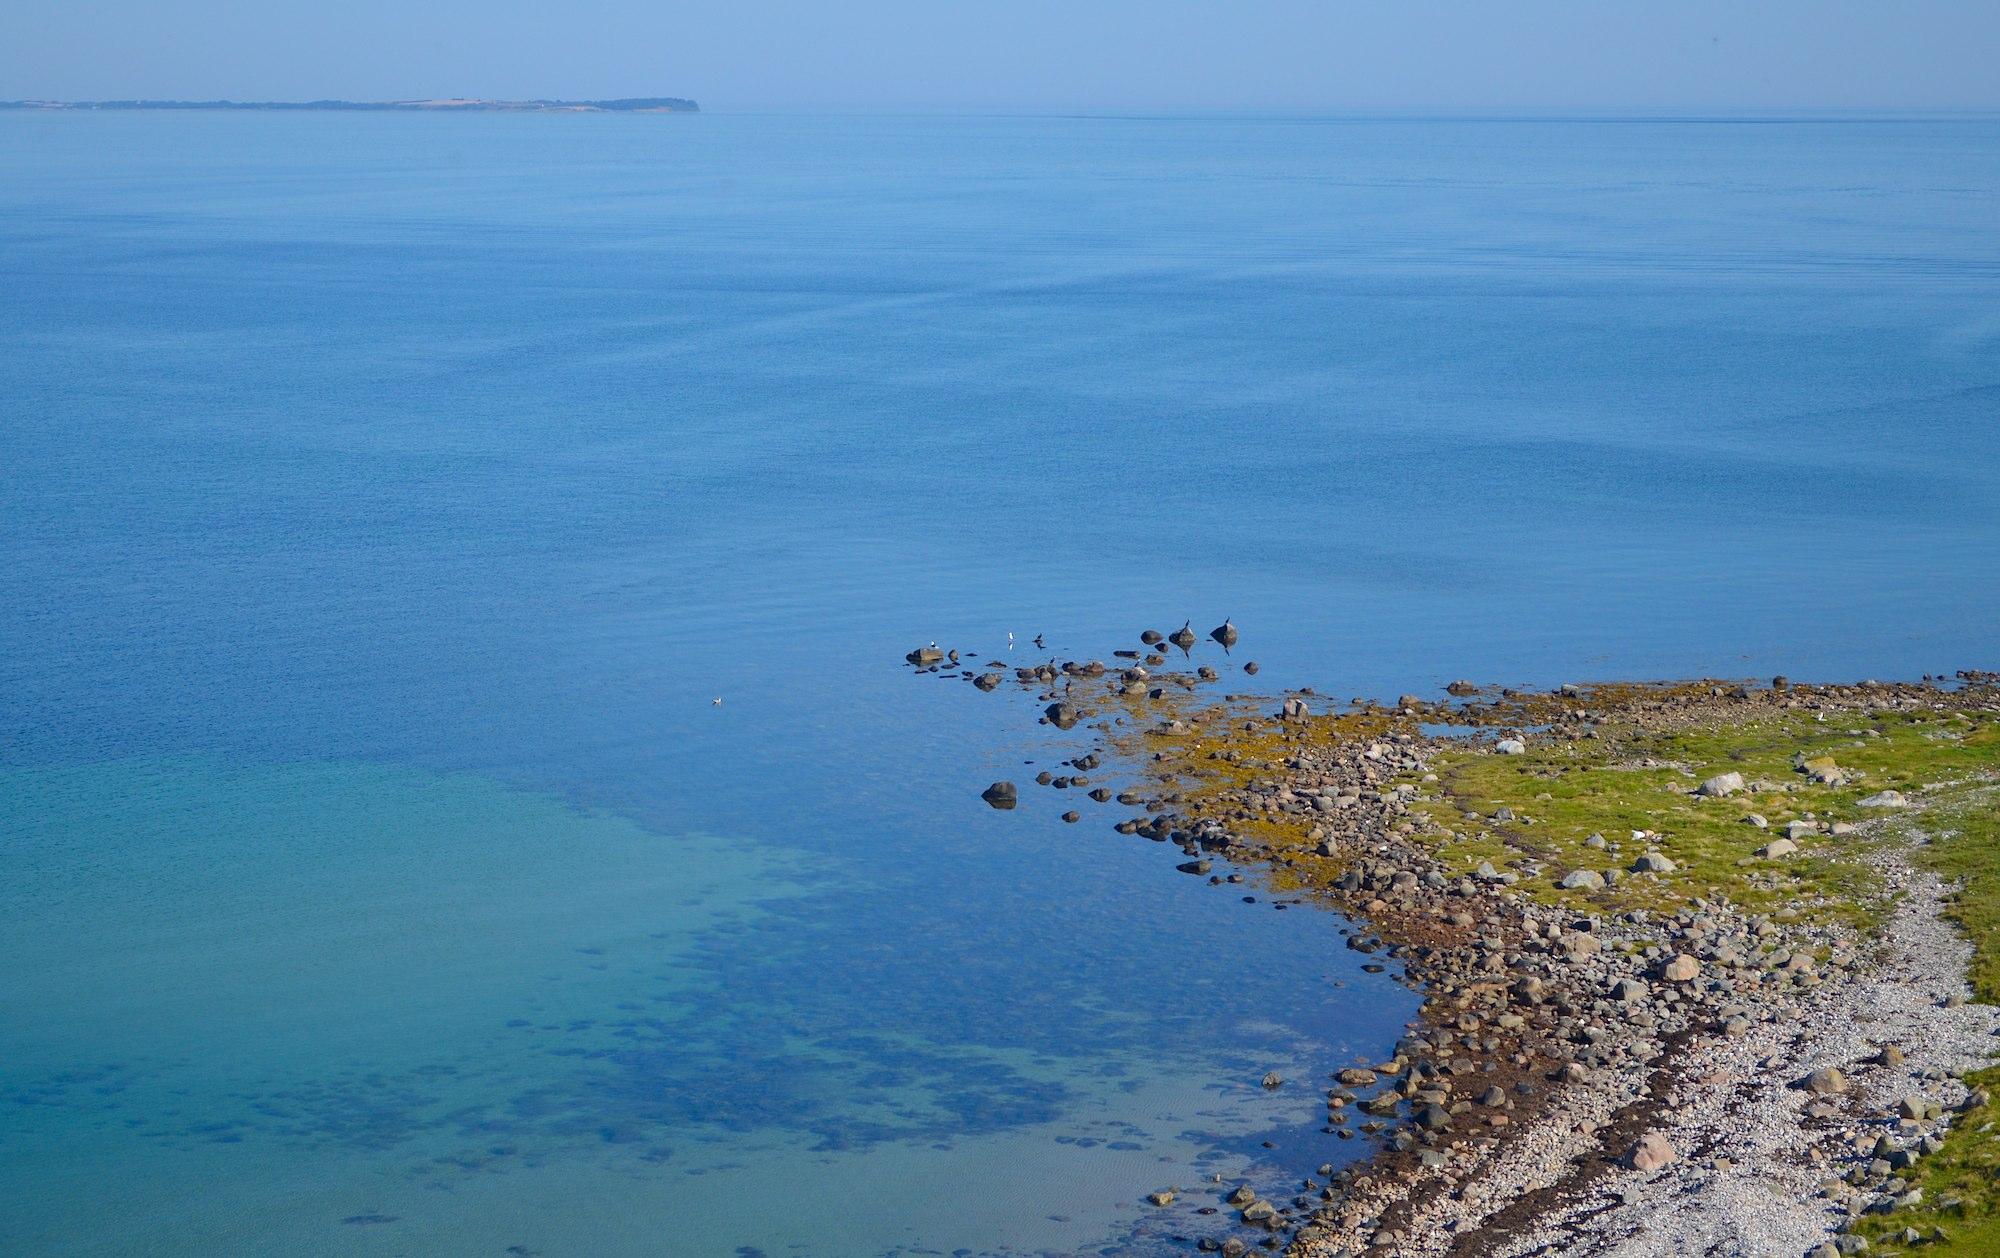 Spidsen af Nekselø med Sejerø i horisonten (foto: Rune Engelbreth Larsen)